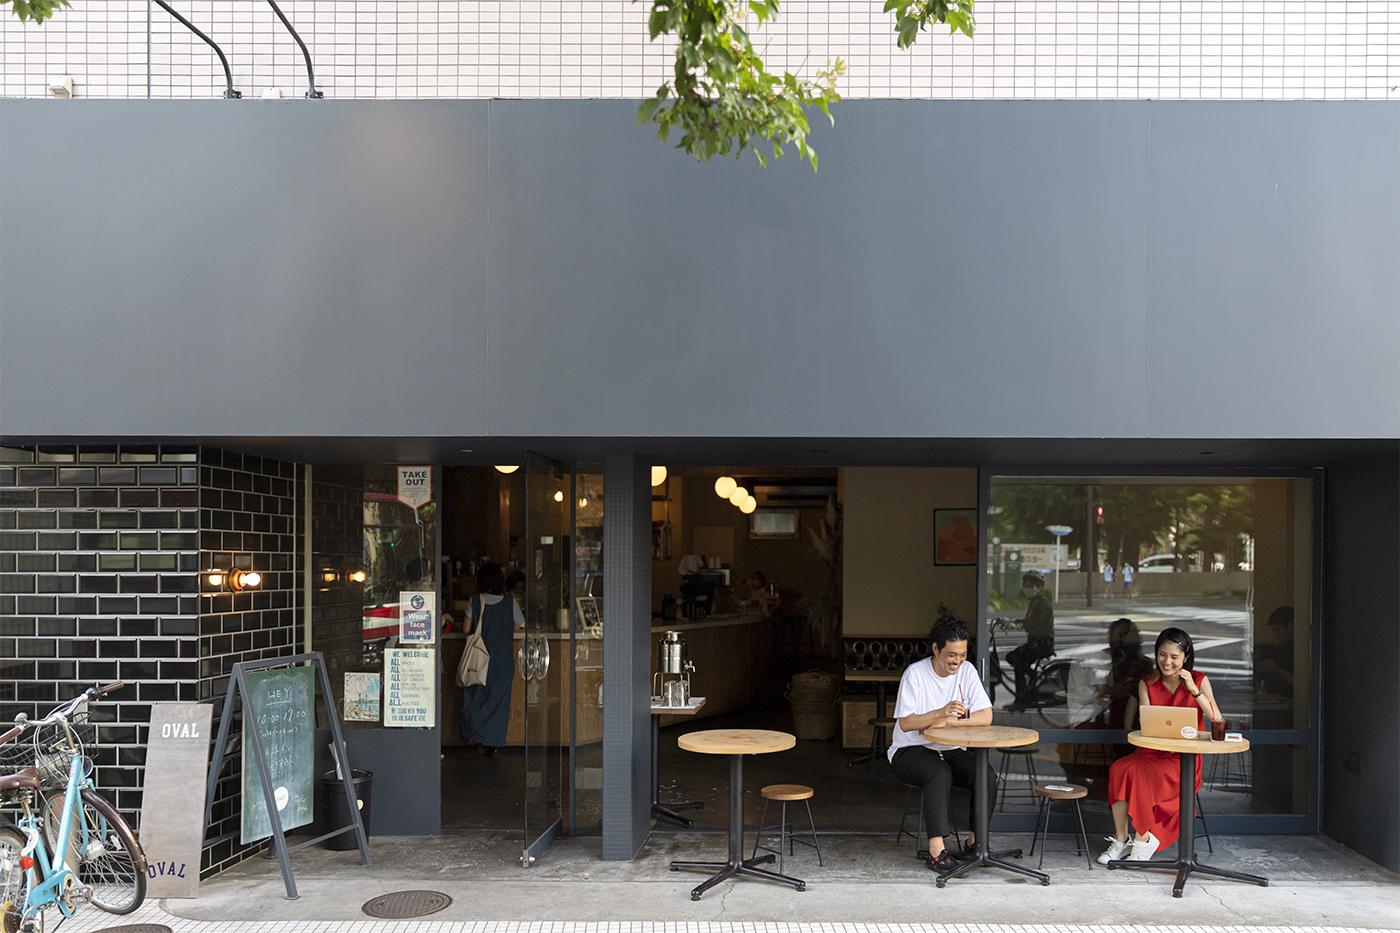 仙台の人気カフェ「HEY」の外観。シックなタイル張りの壁